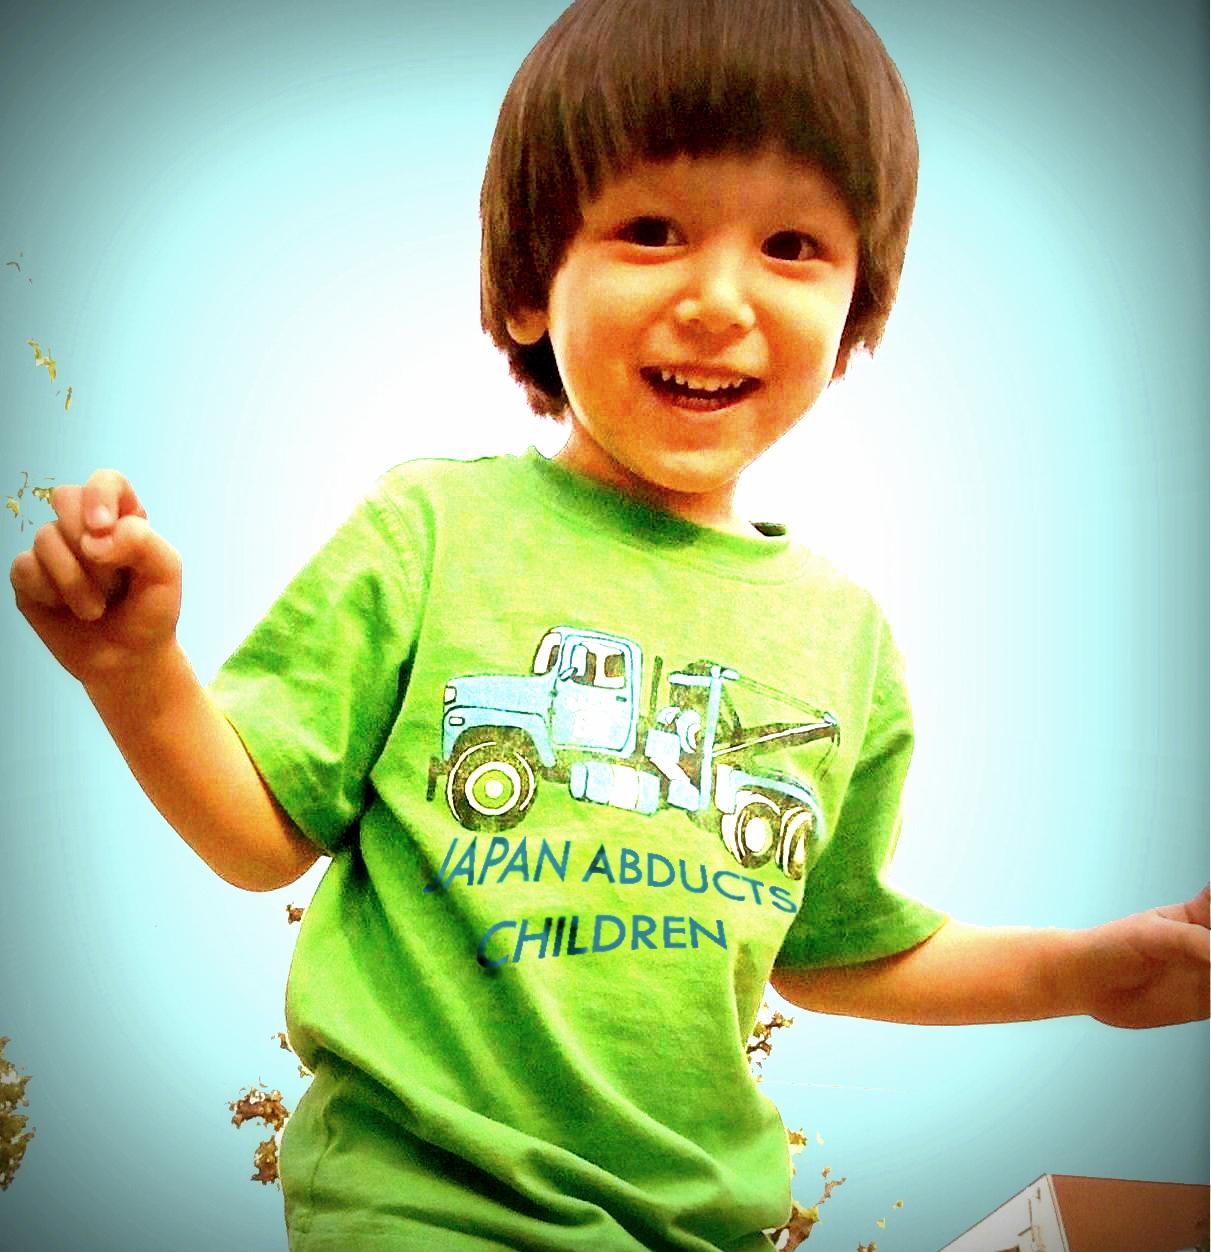 بالصور صور اولاد , اجمل صور اطفال حلوين جدا 2065 6